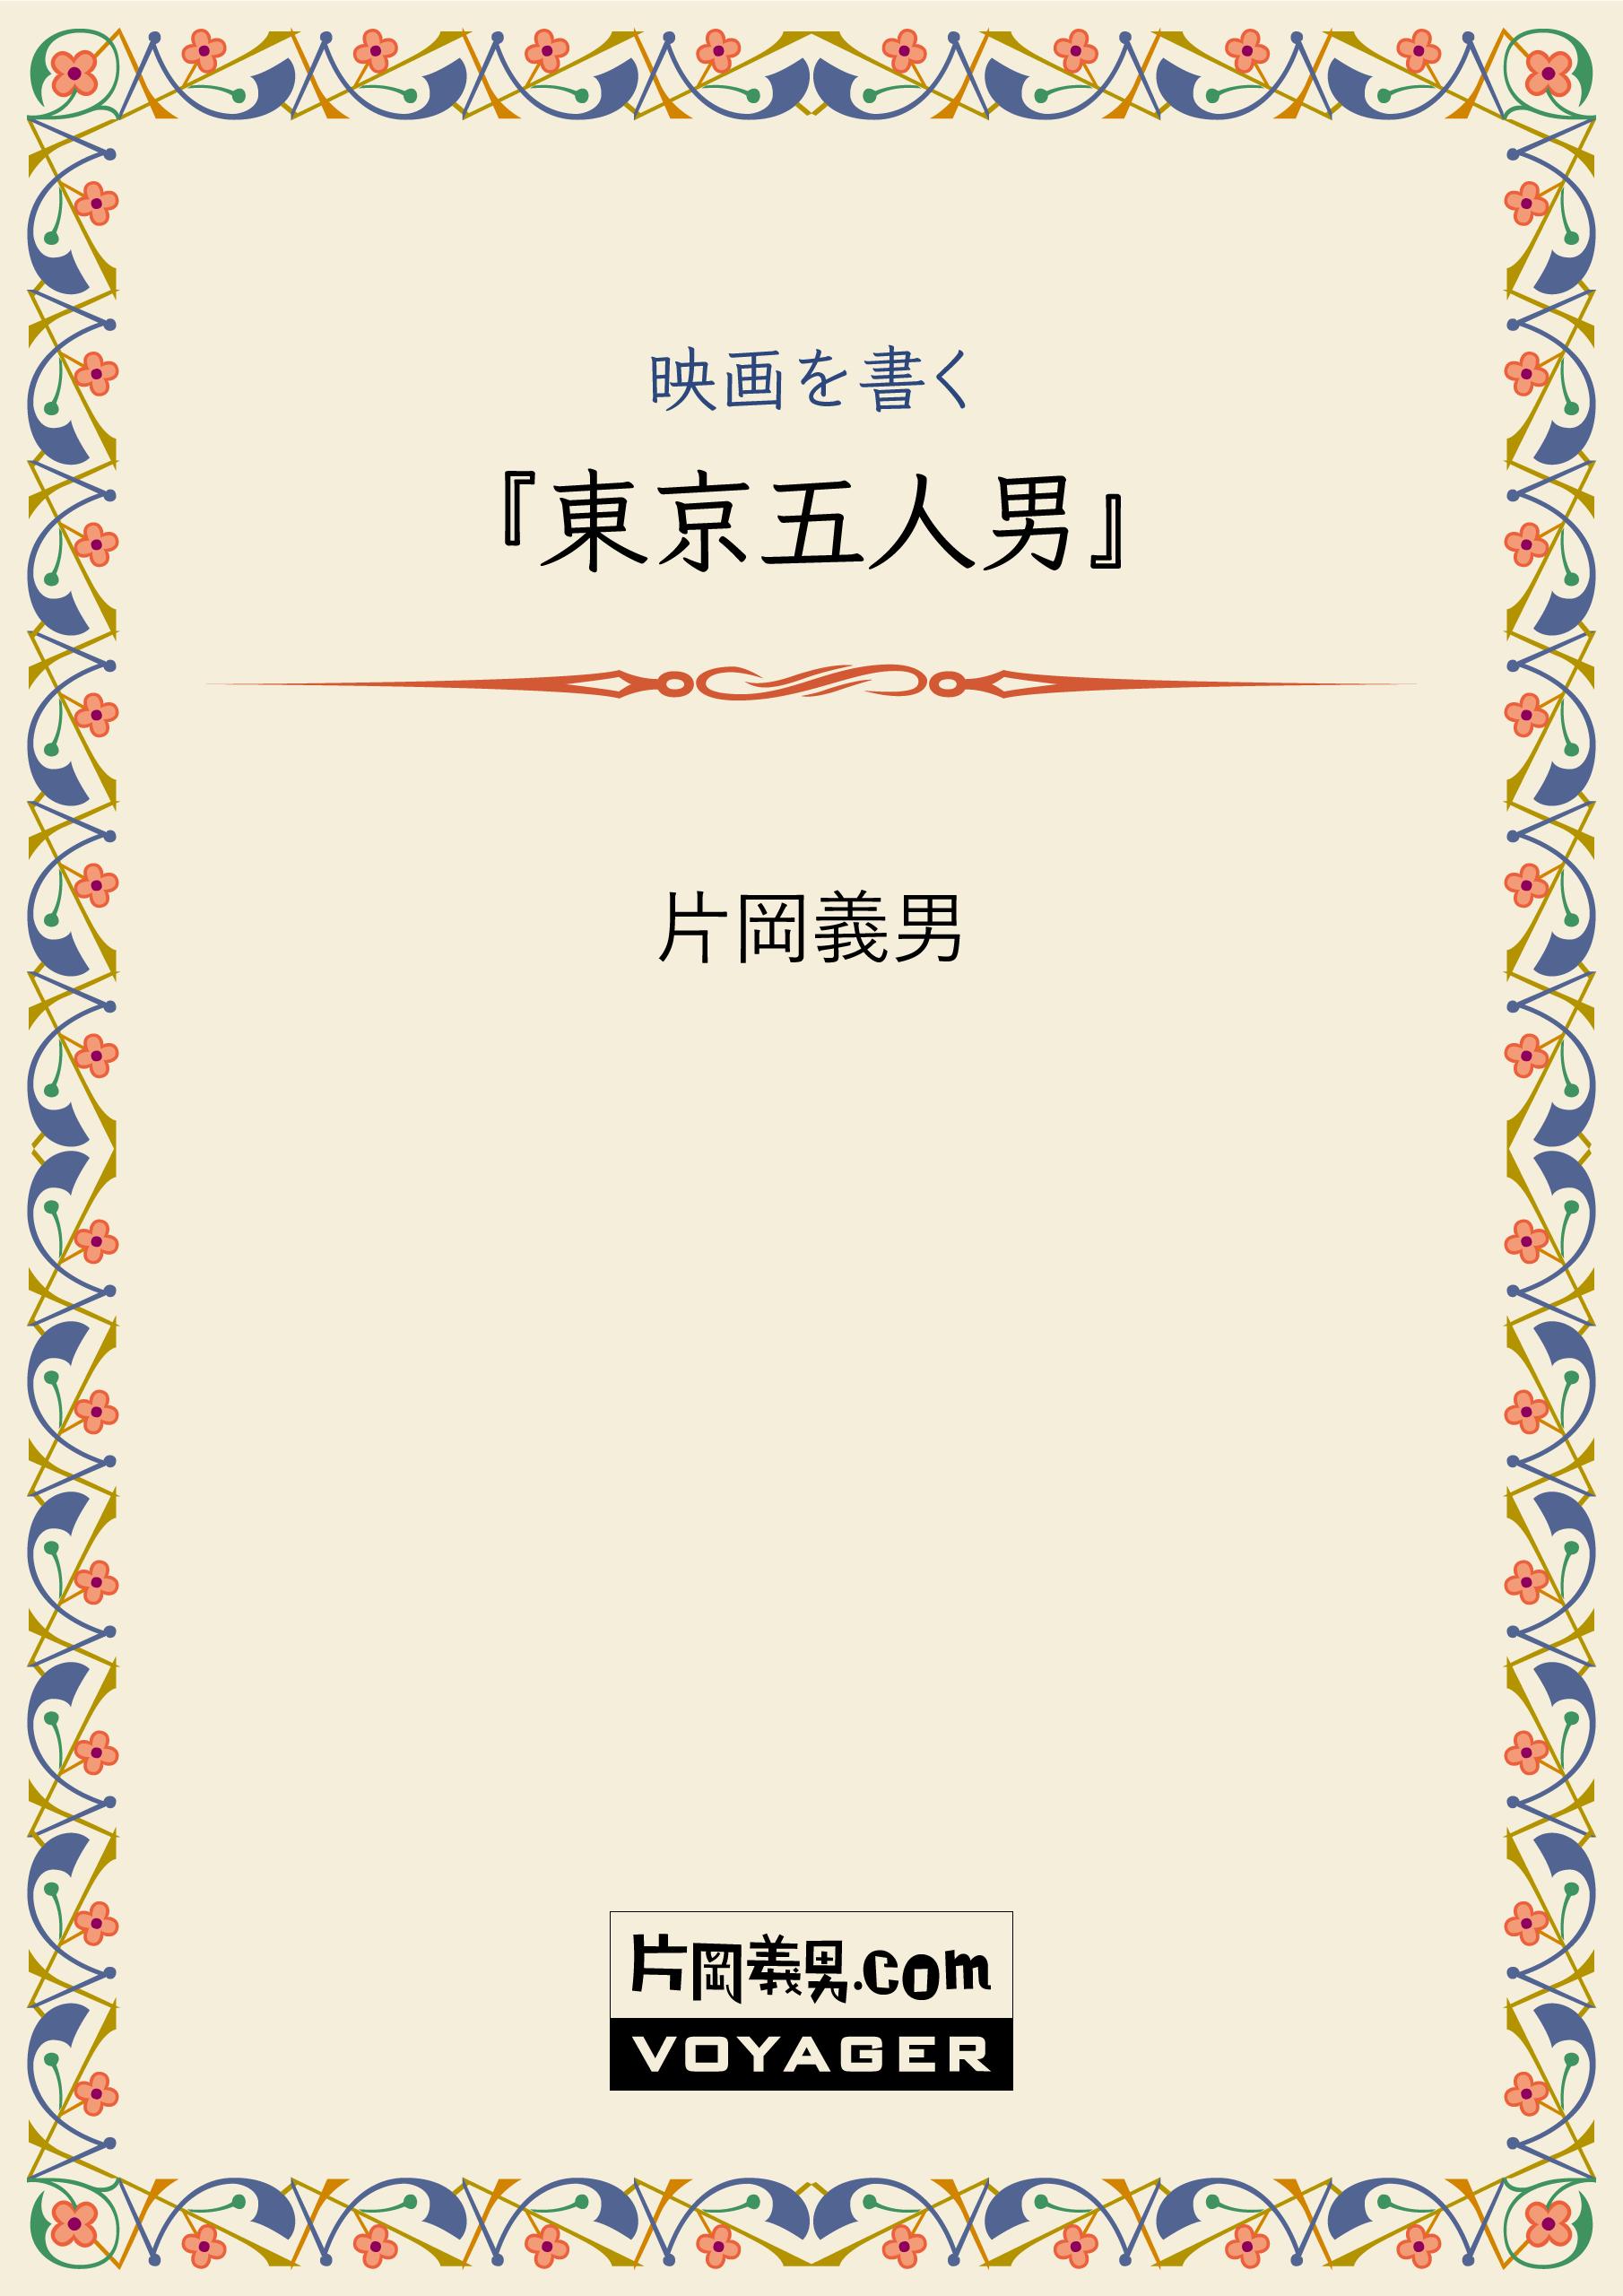 『東京五人男』一九四五年(昭和二十年)